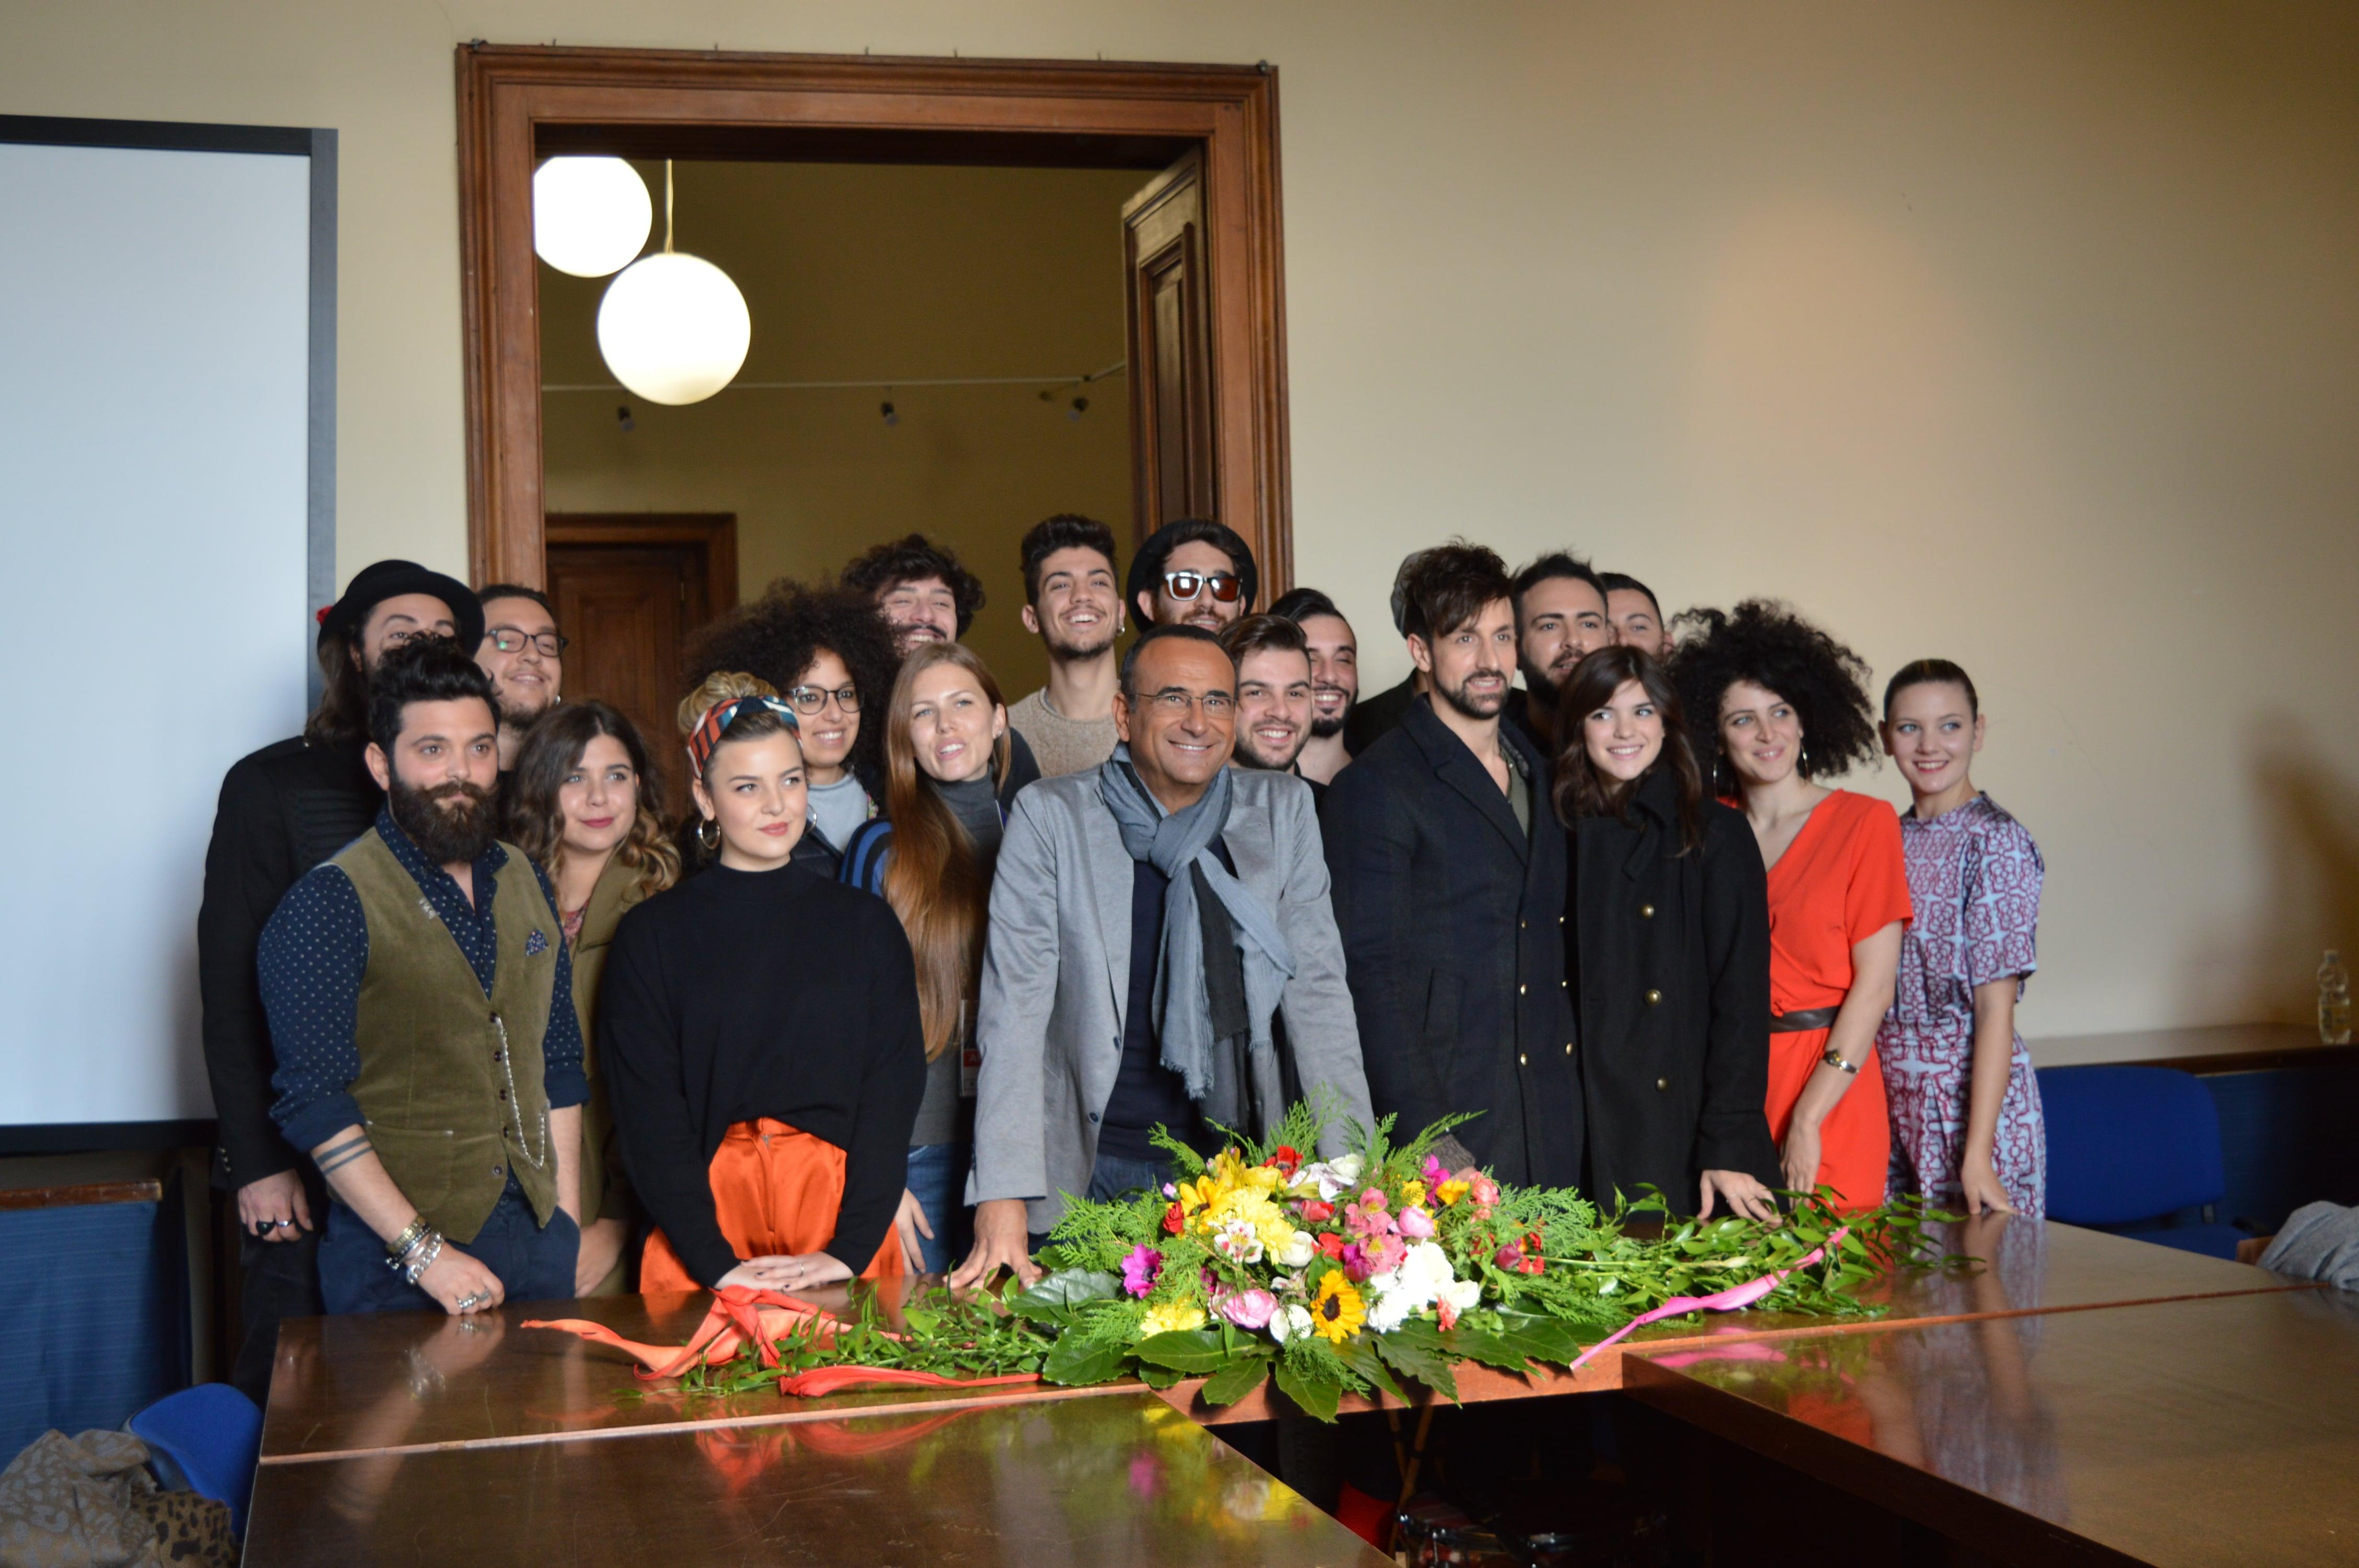 Domani sera la diretta su RAI UNO da Villa Ormond a Sanremo saranno annunciati i nomi dei 30 cantanti del 67° Festival